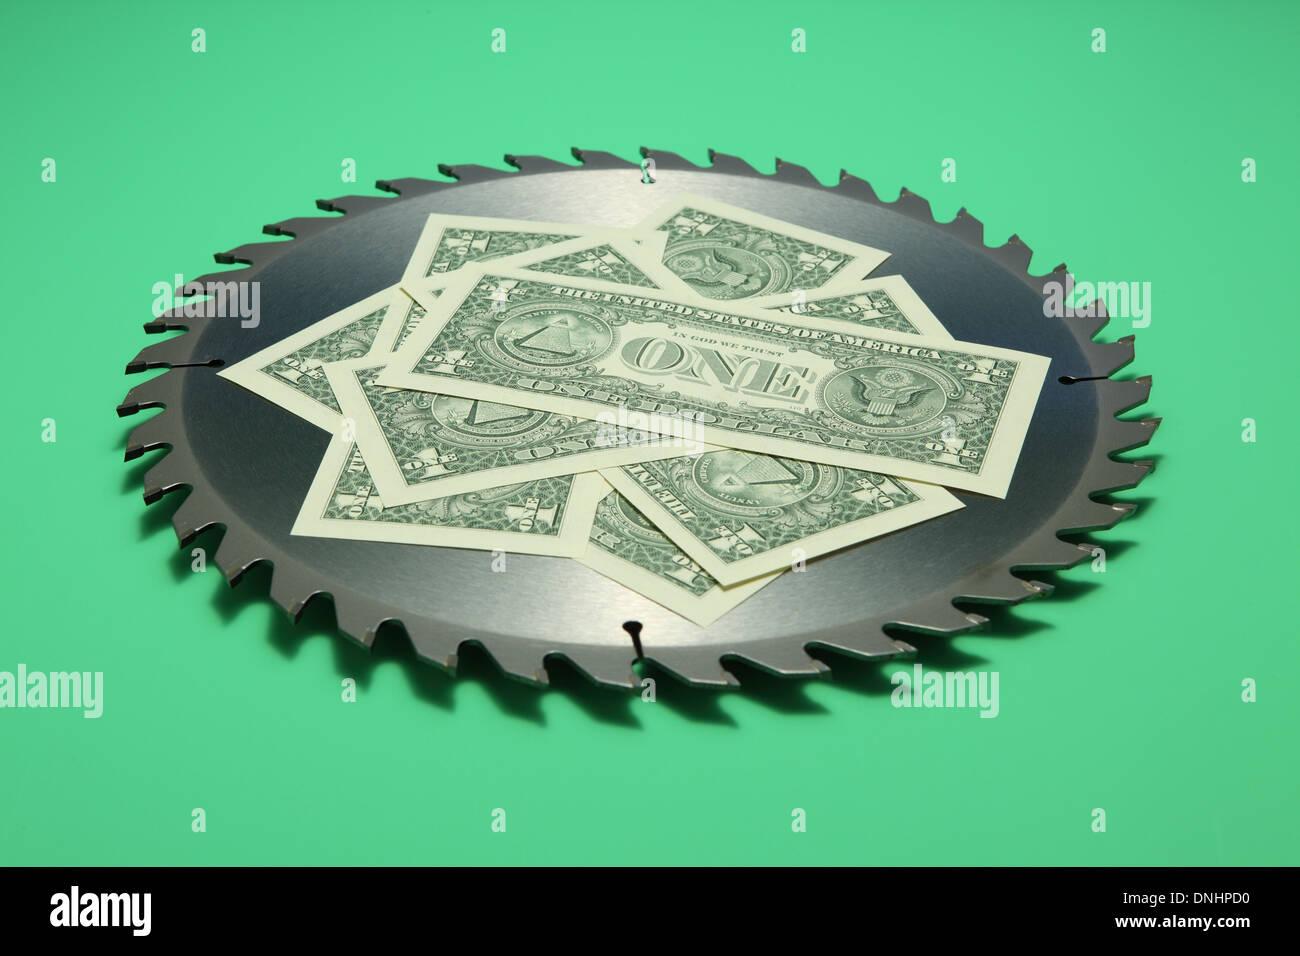 Eine scharfe Runde Metall Sägeblatt mit US-Währung auf grünem Hintergrund. Stockbild